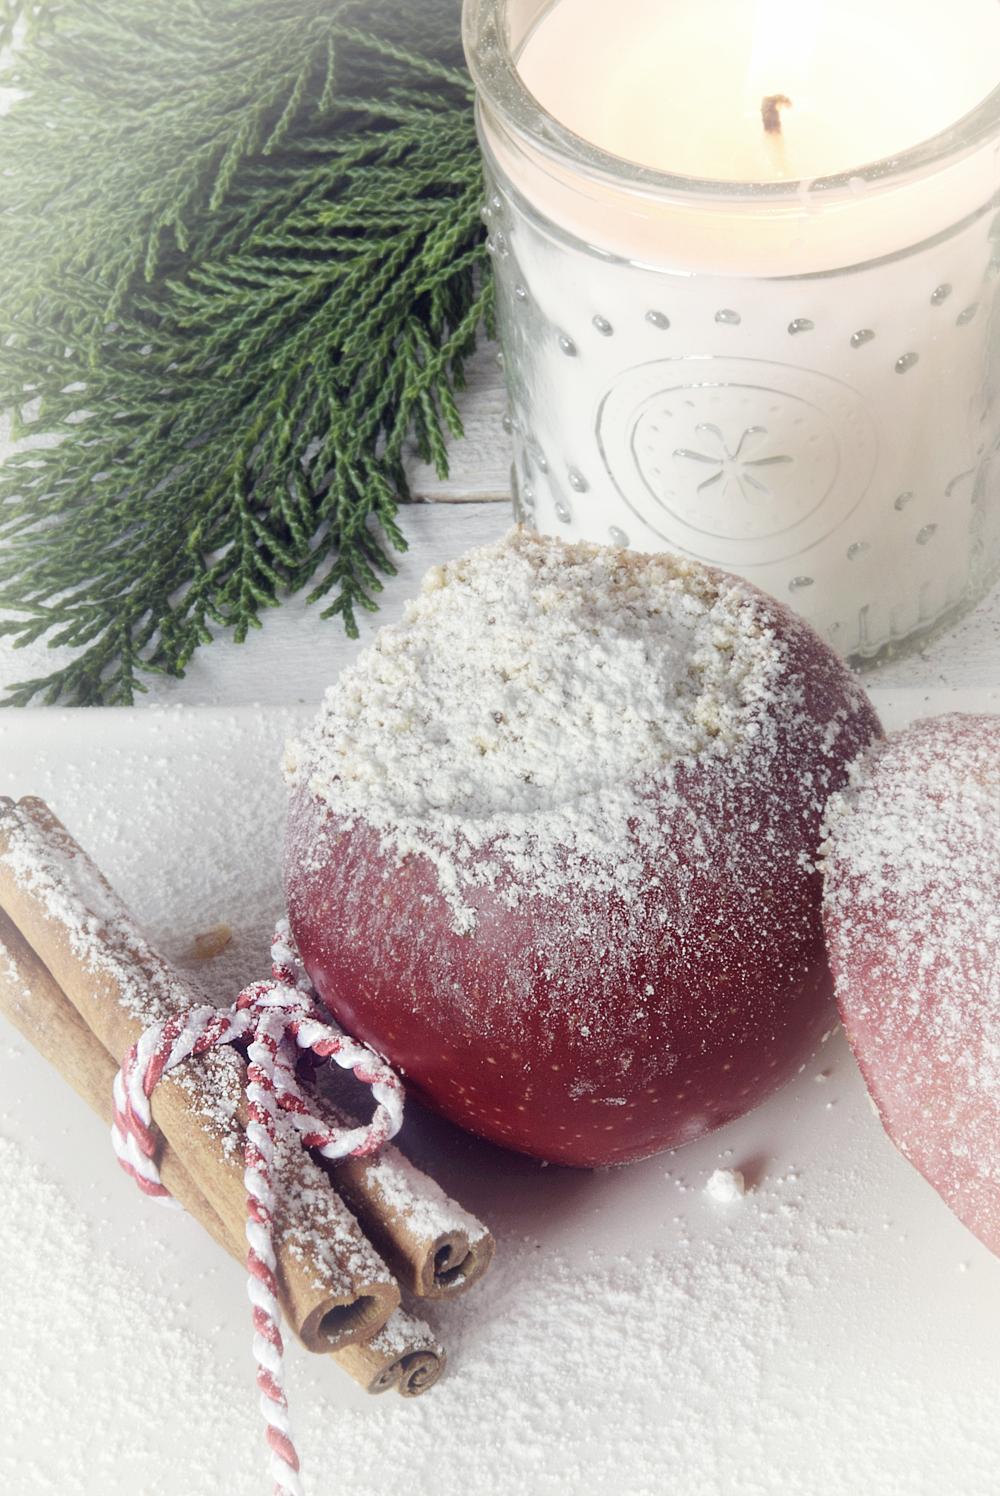 Gesund und lecker - Bratapfel mit Vanillesauce